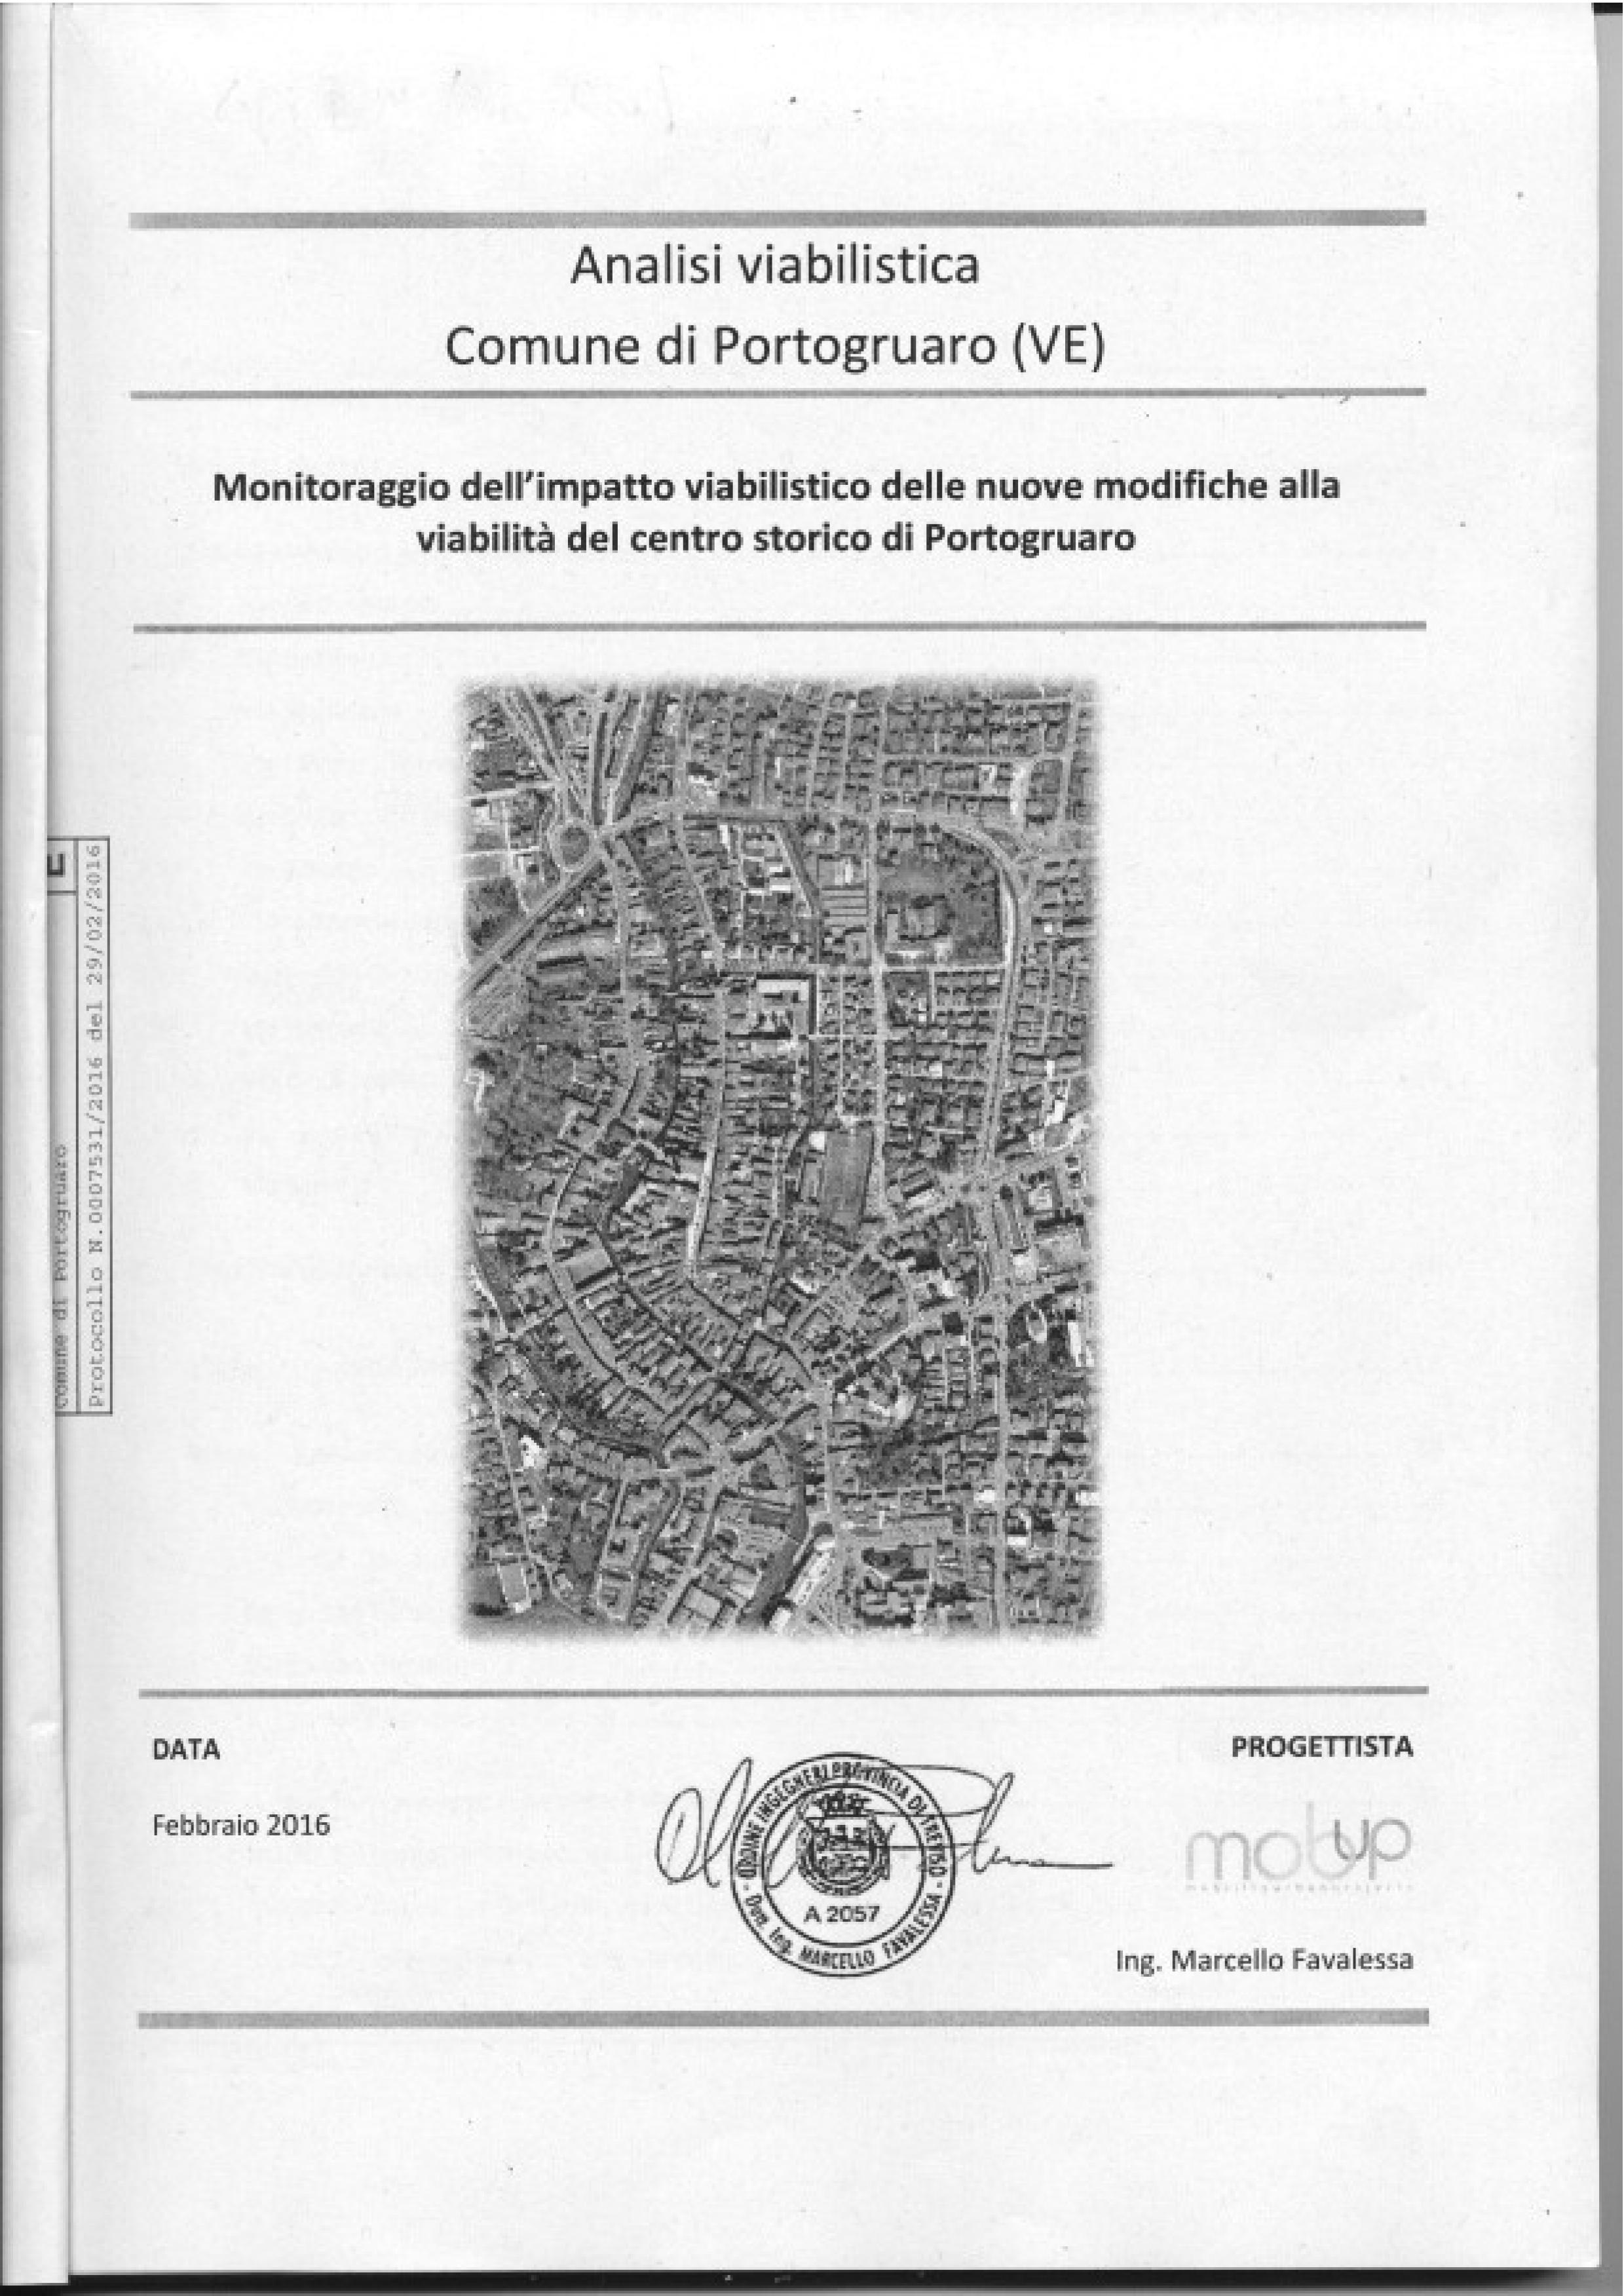 Analisi viabilistica CS 022016_01